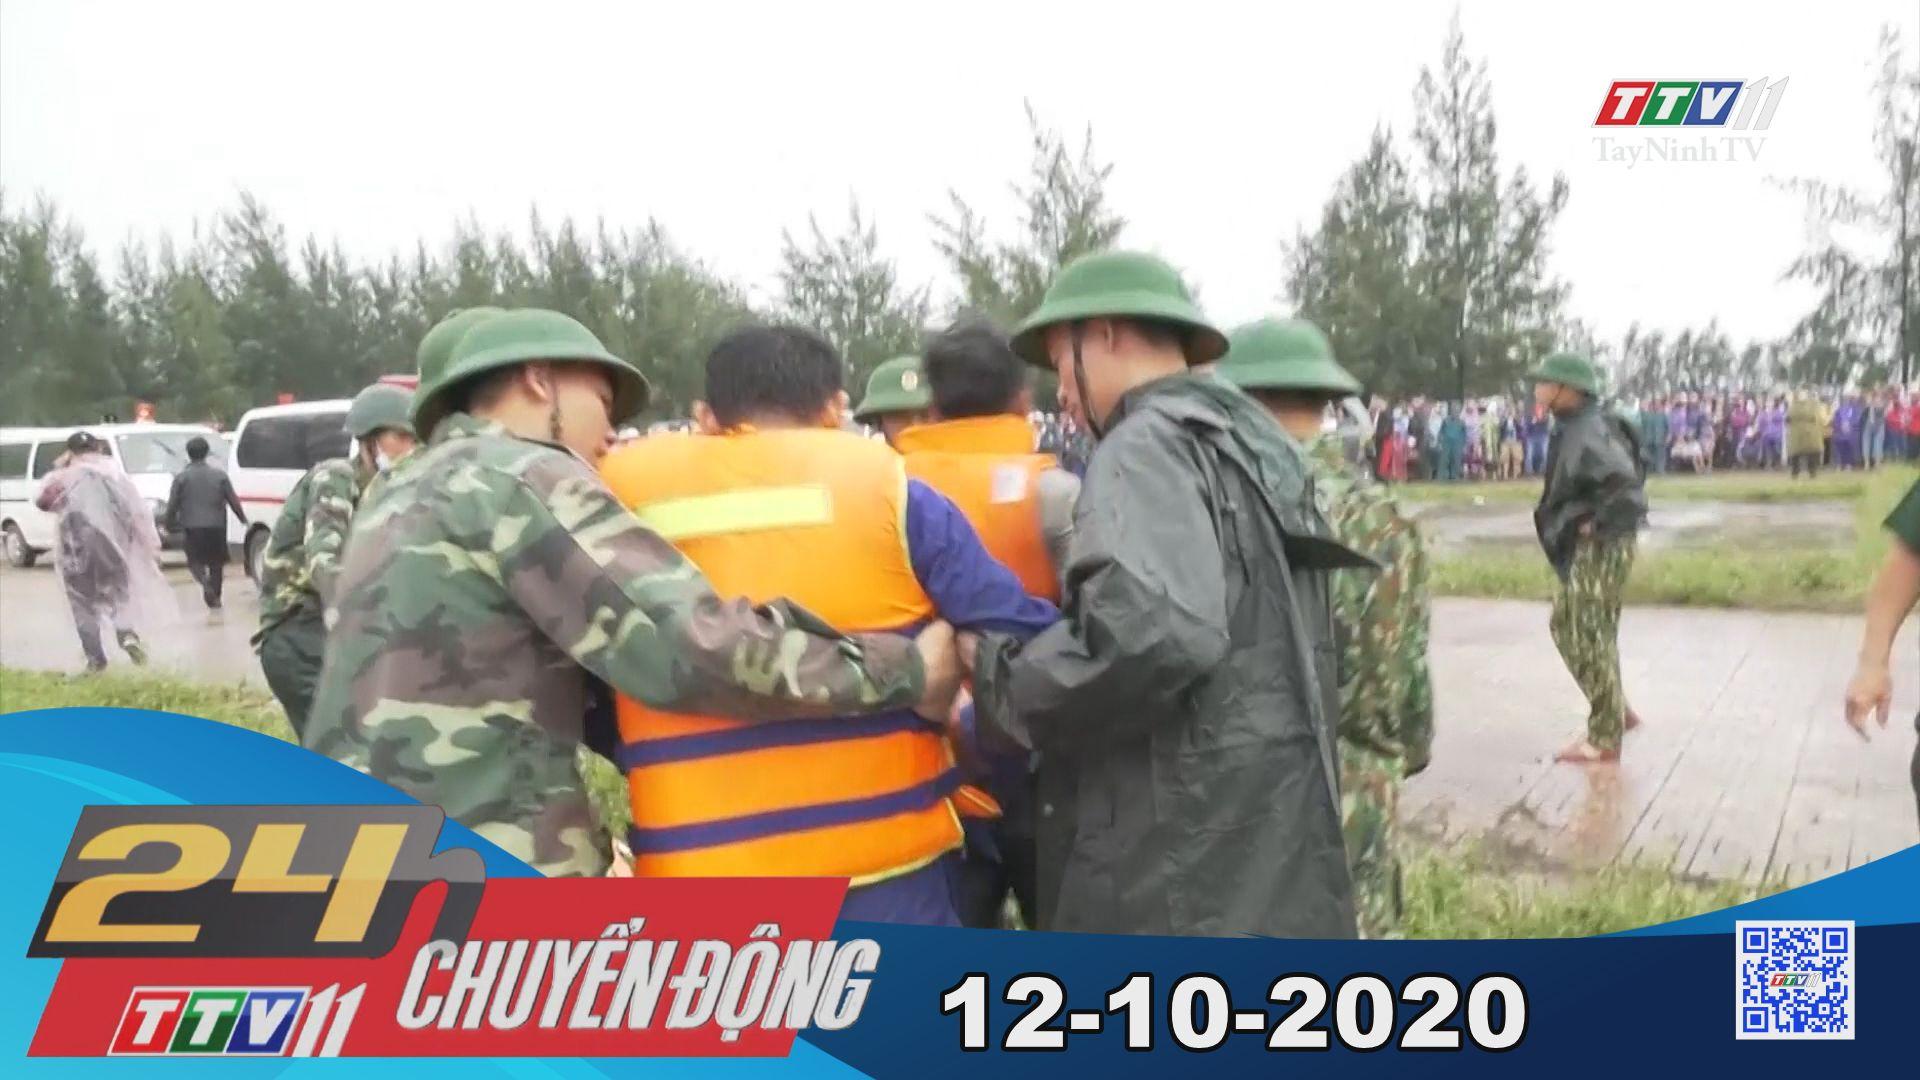 24h Chuyển động 12-10-2020 | Tin tức hôm nay | TayNinhTV